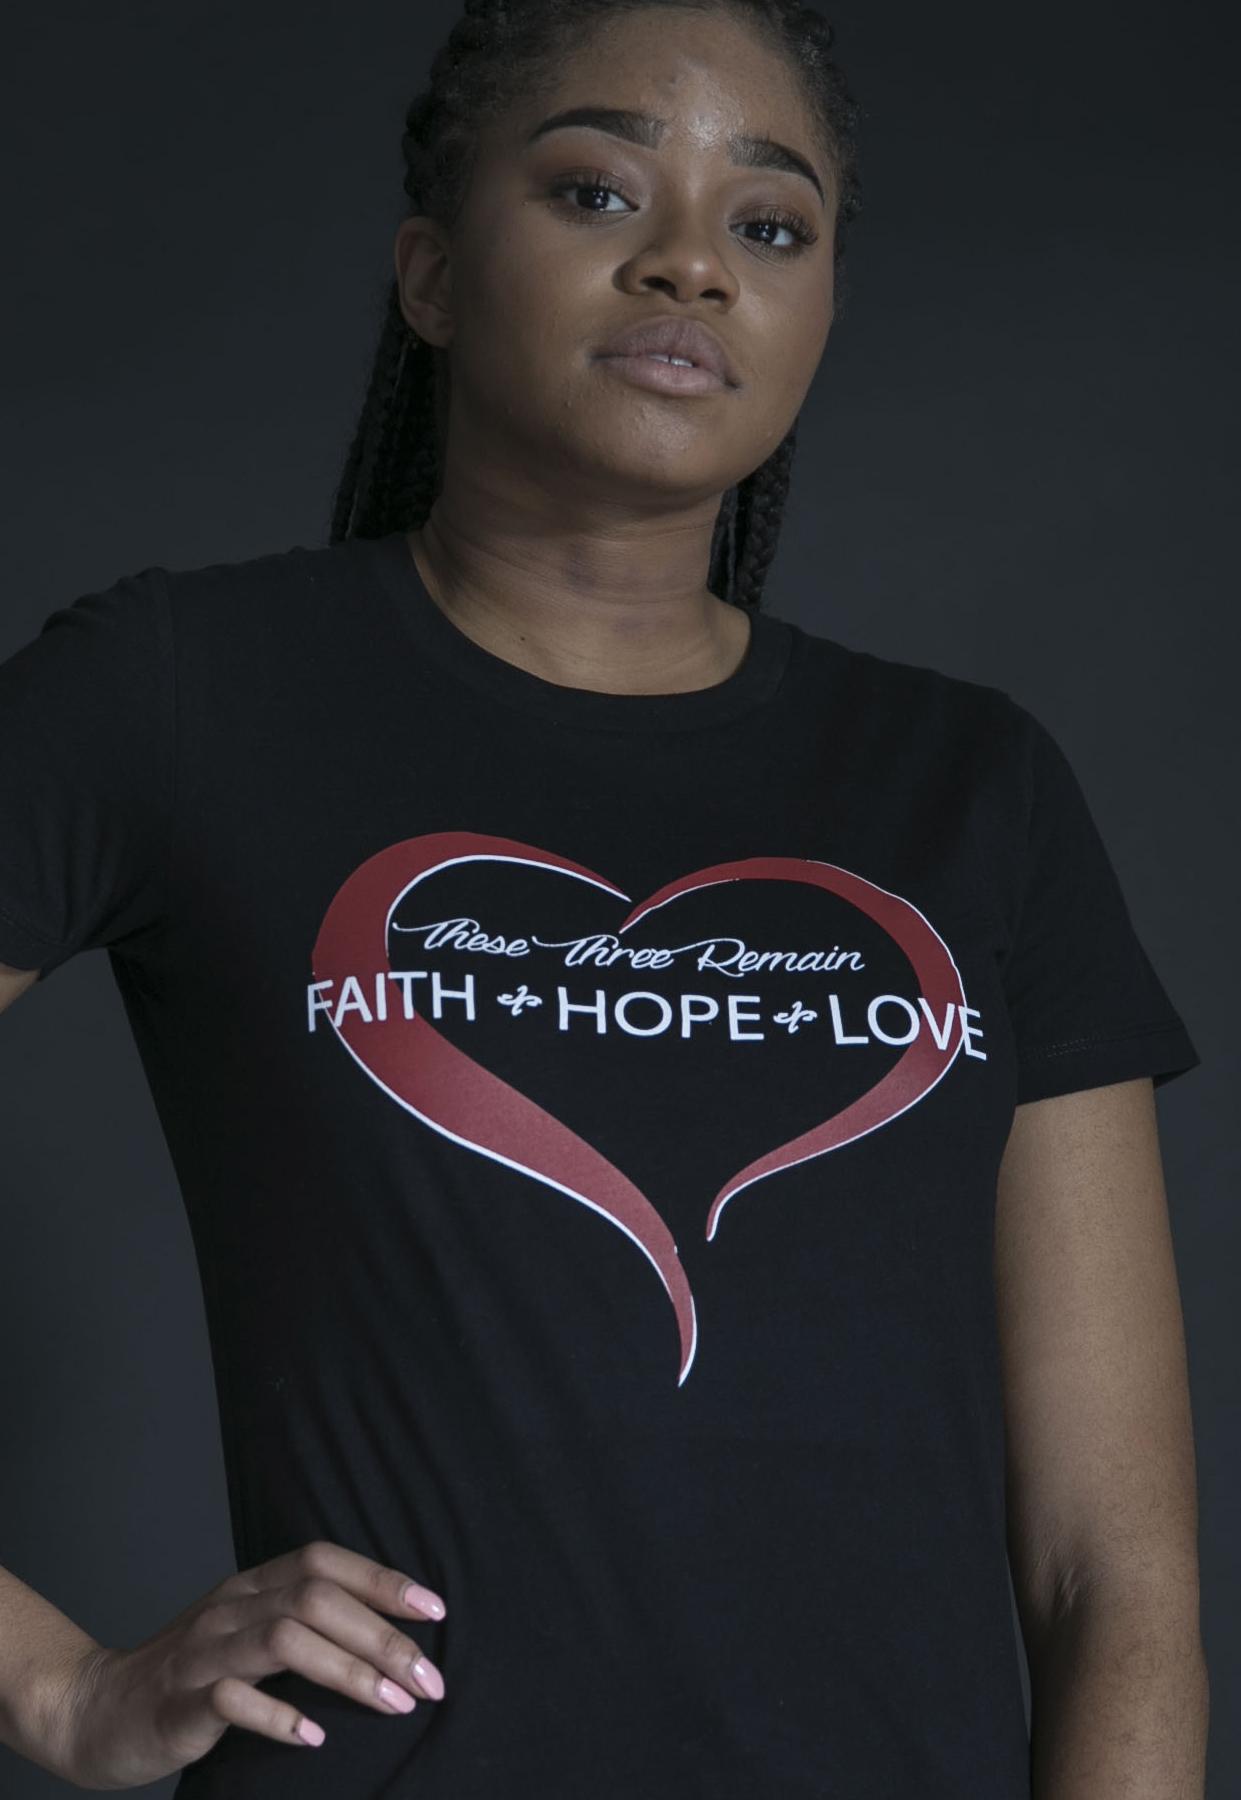 Faith Hope Love Tee - $24